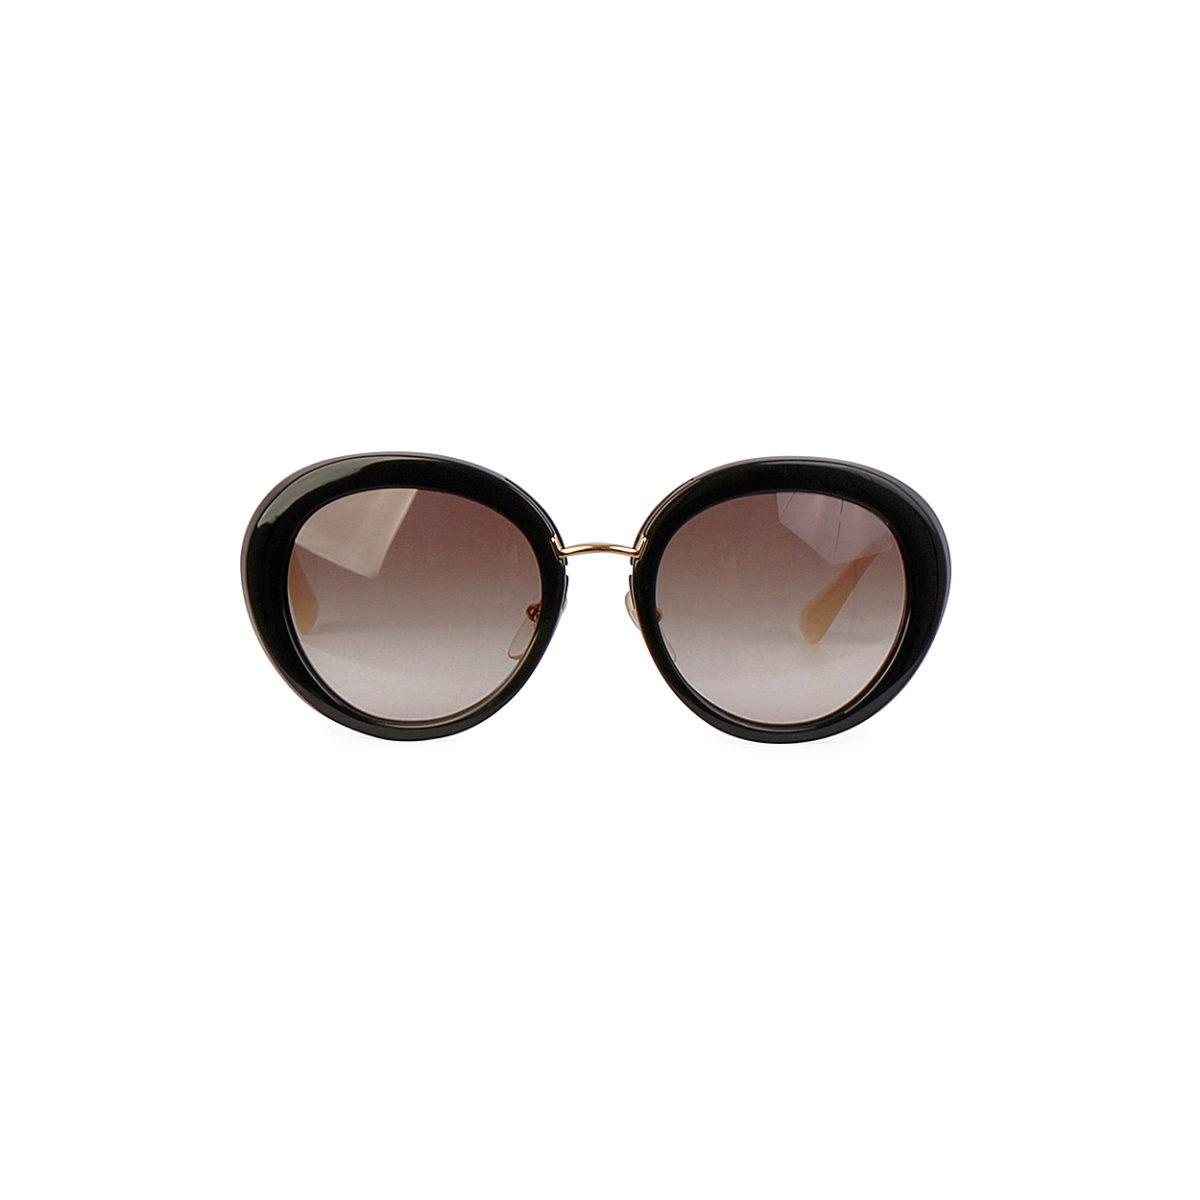 176f4afadc5 PRADA Cinema Sunglasses SPR 16 Q Black